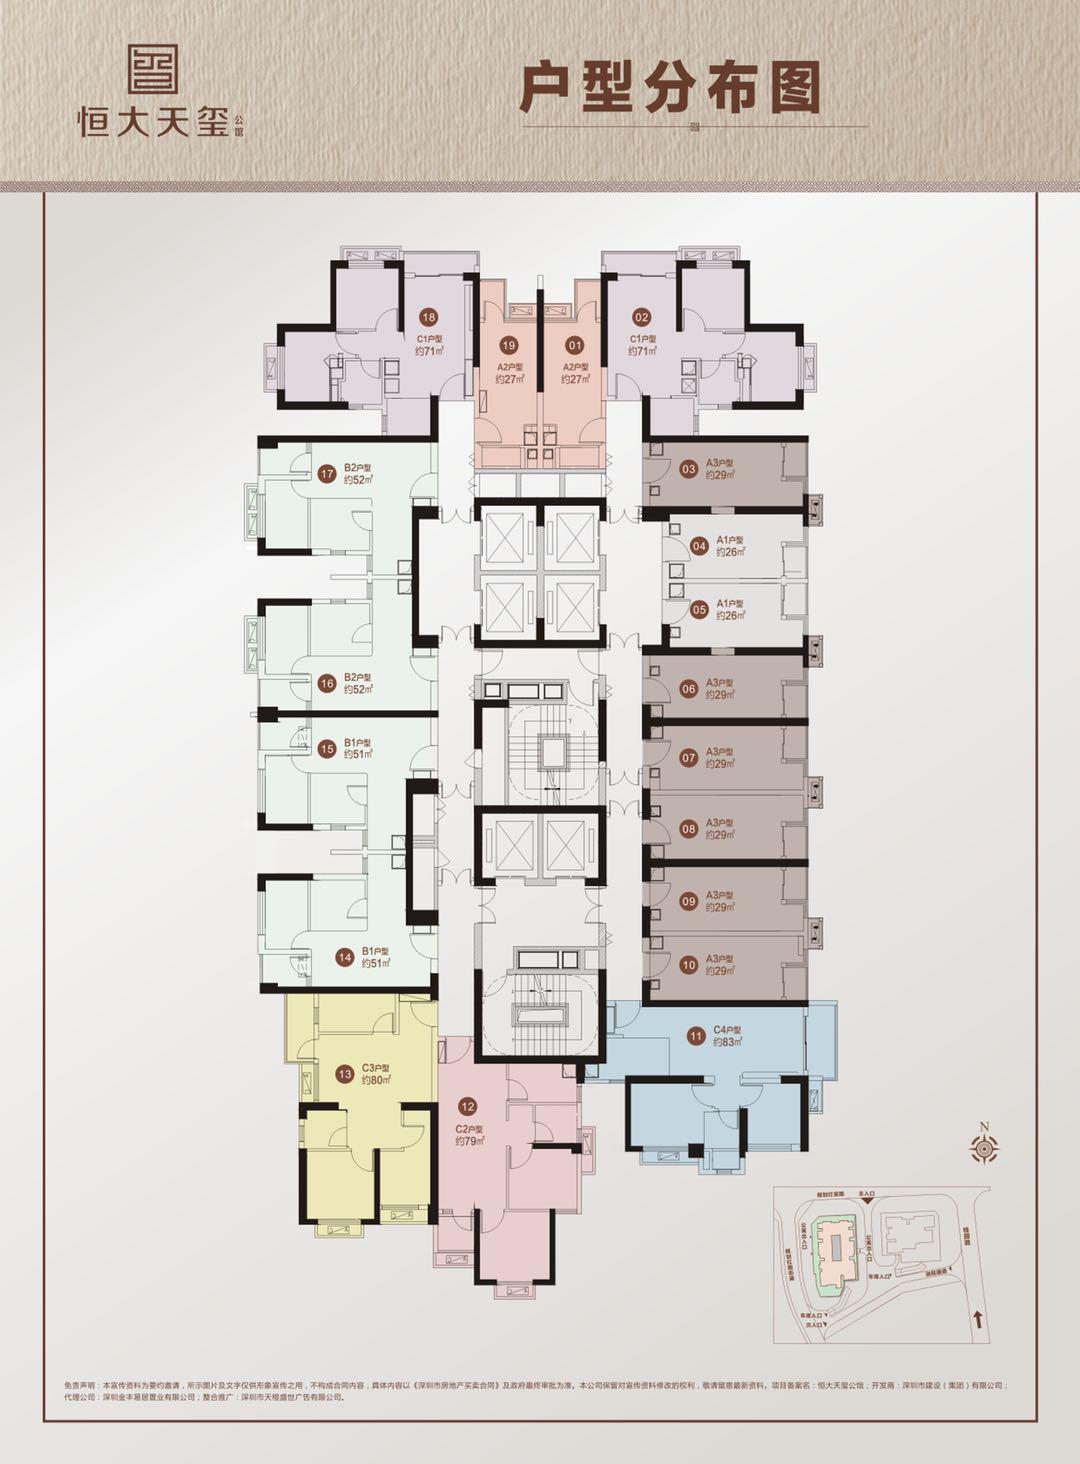 罗湖村委房距离大剧院、老街站400米商务公寓:建面约25-29㎡ 天际美寓